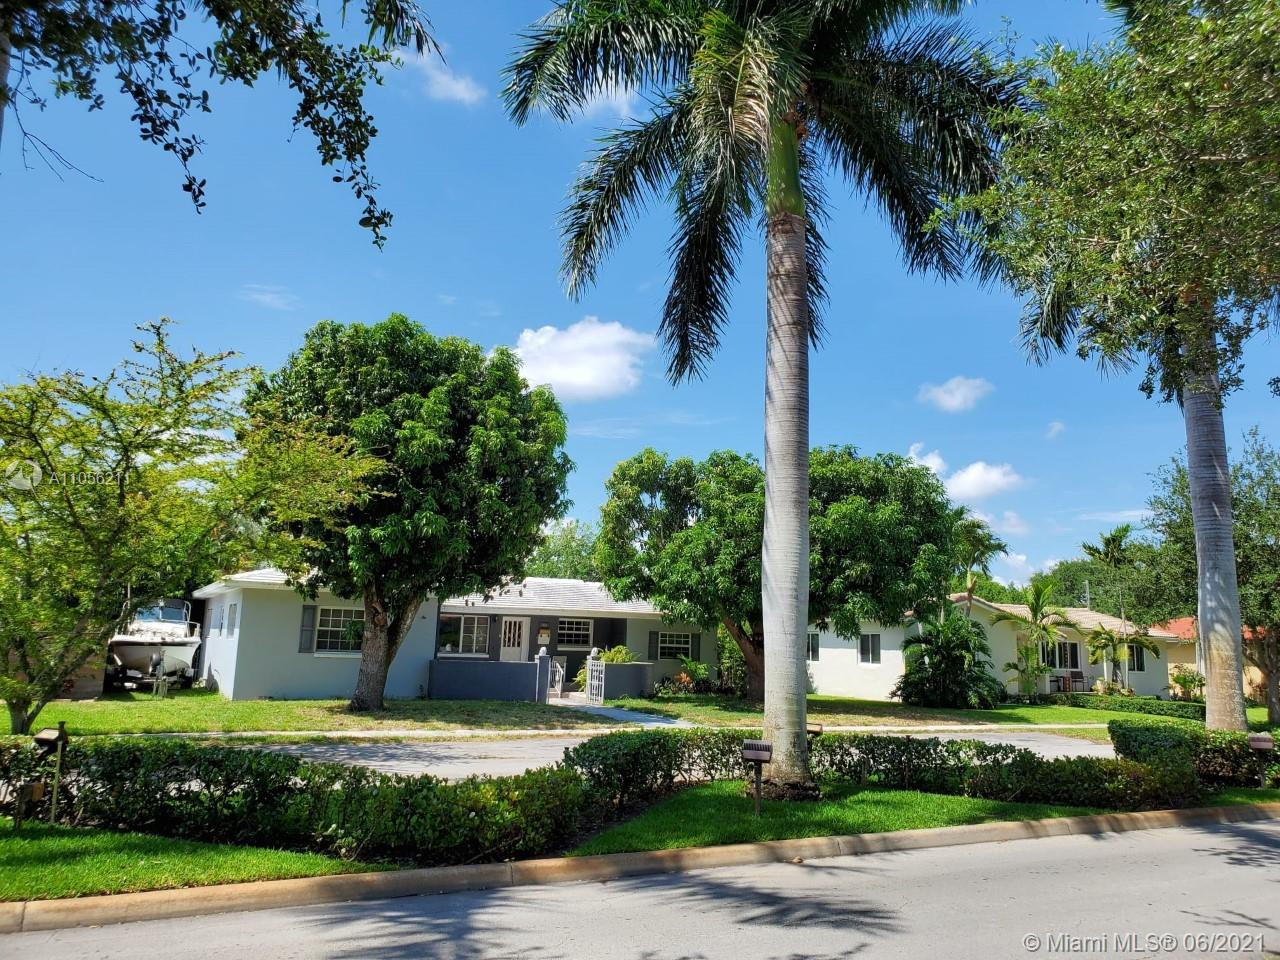 Miami Shores - 150 NW 109th St, Miami Shores, FL 33168